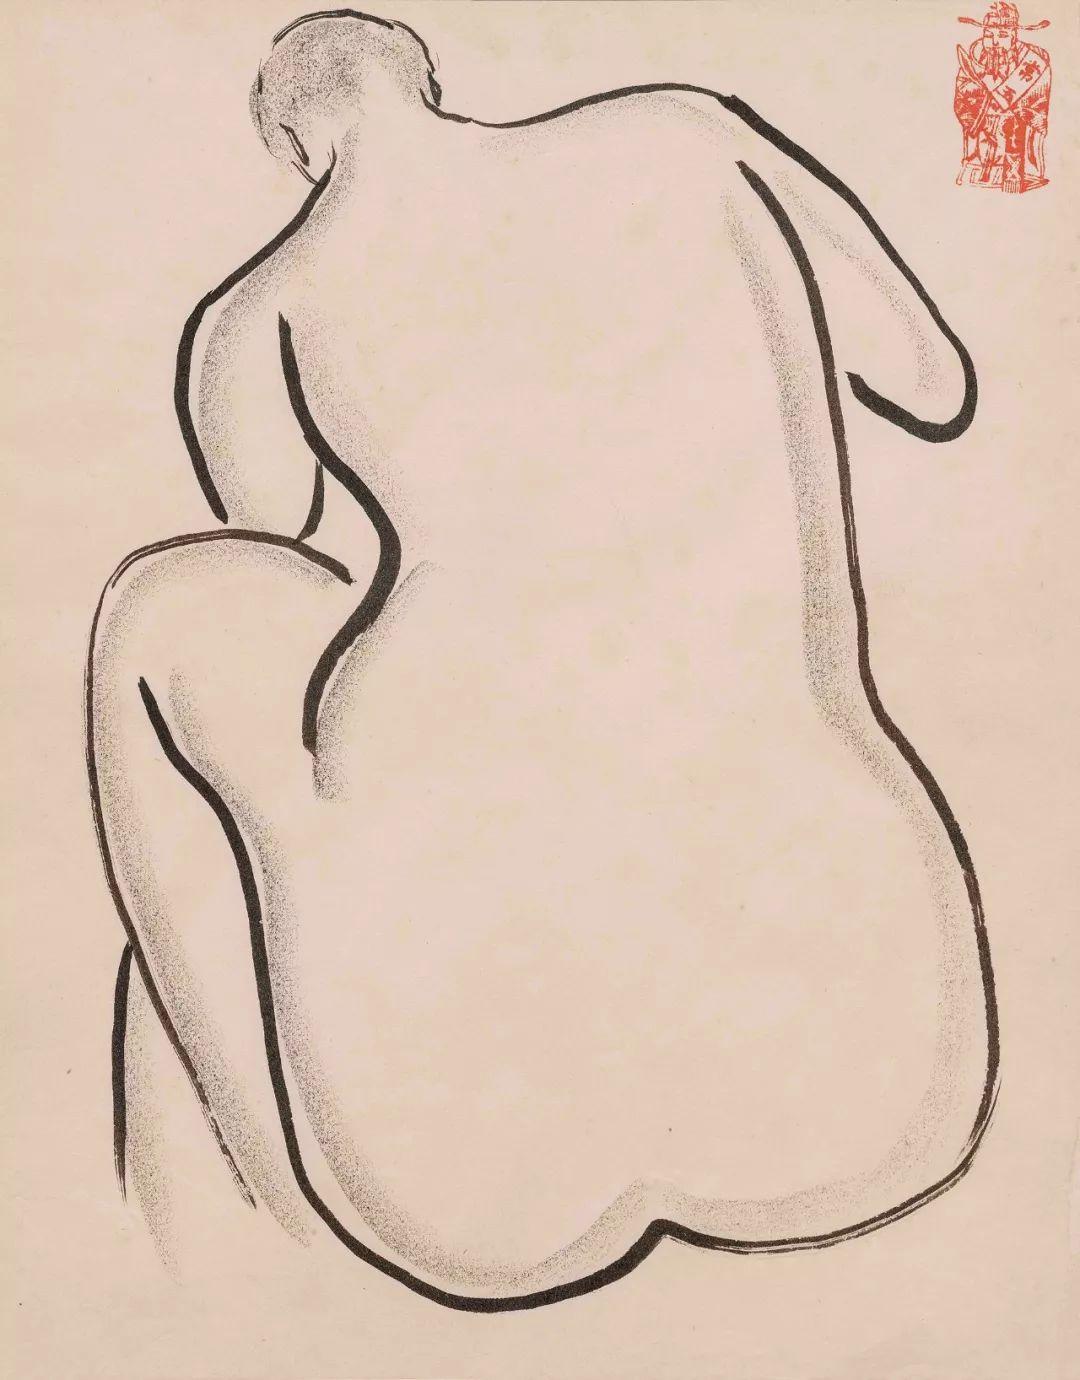 常玉:孤独的大师,一生在黑暗的小屋中,绝笔作品被拍出近2亿天价插图3